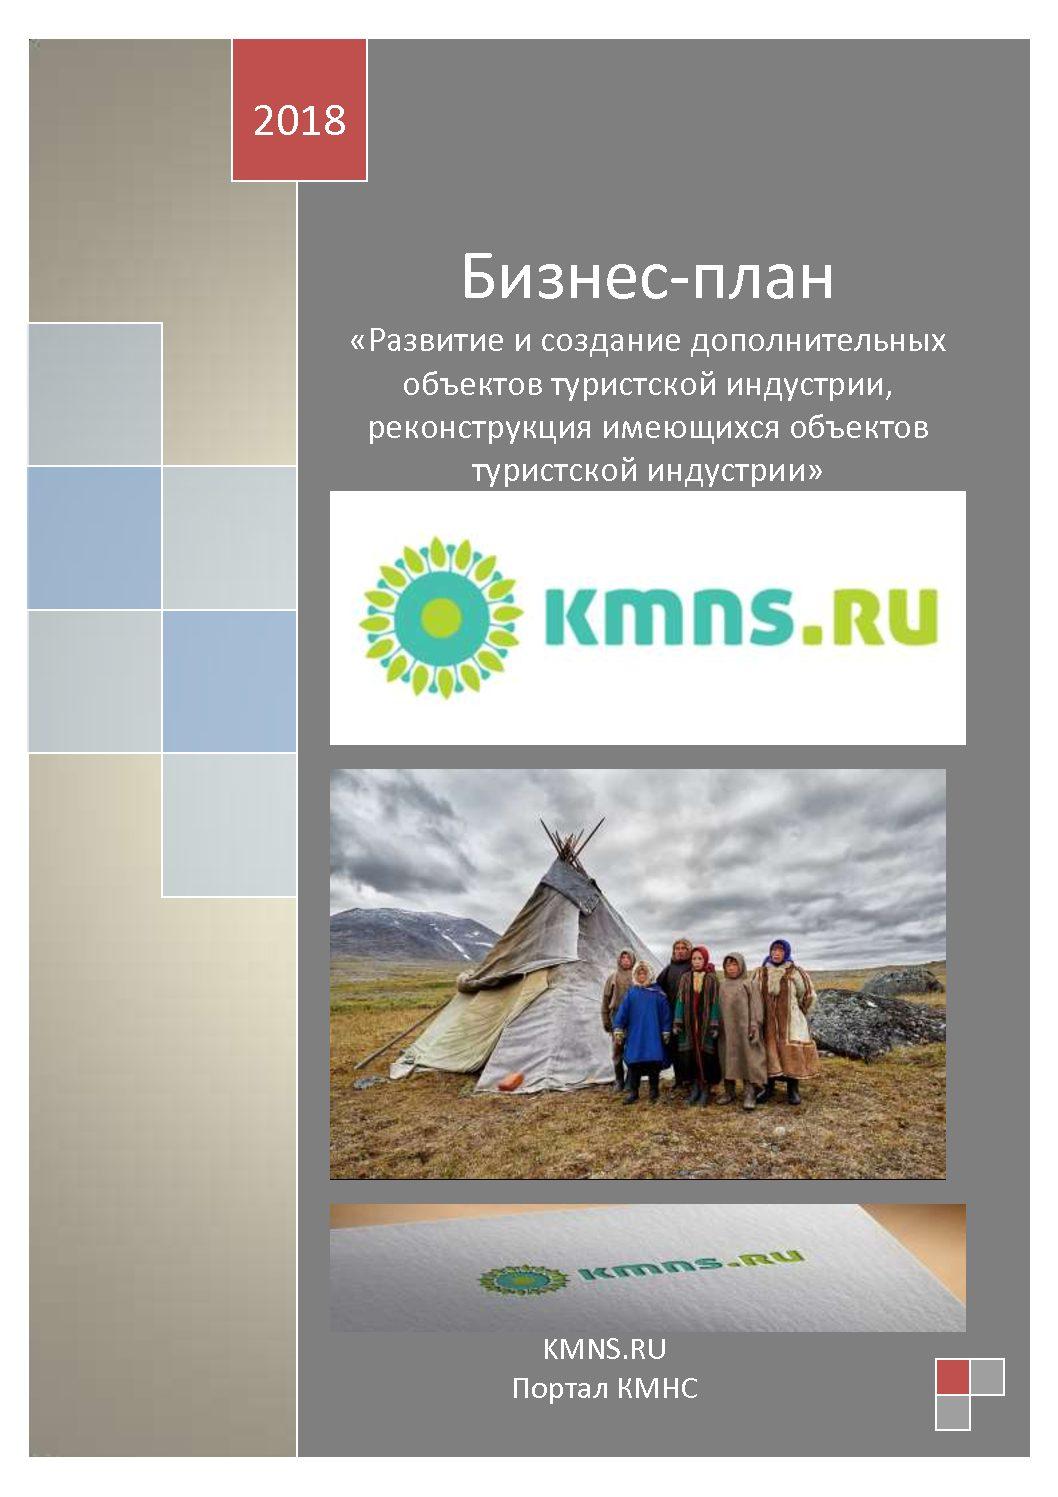 «Развитие и создание дополнительных объектов туристской индустрии, реконструкция имеющихся объектов туристской индустрии